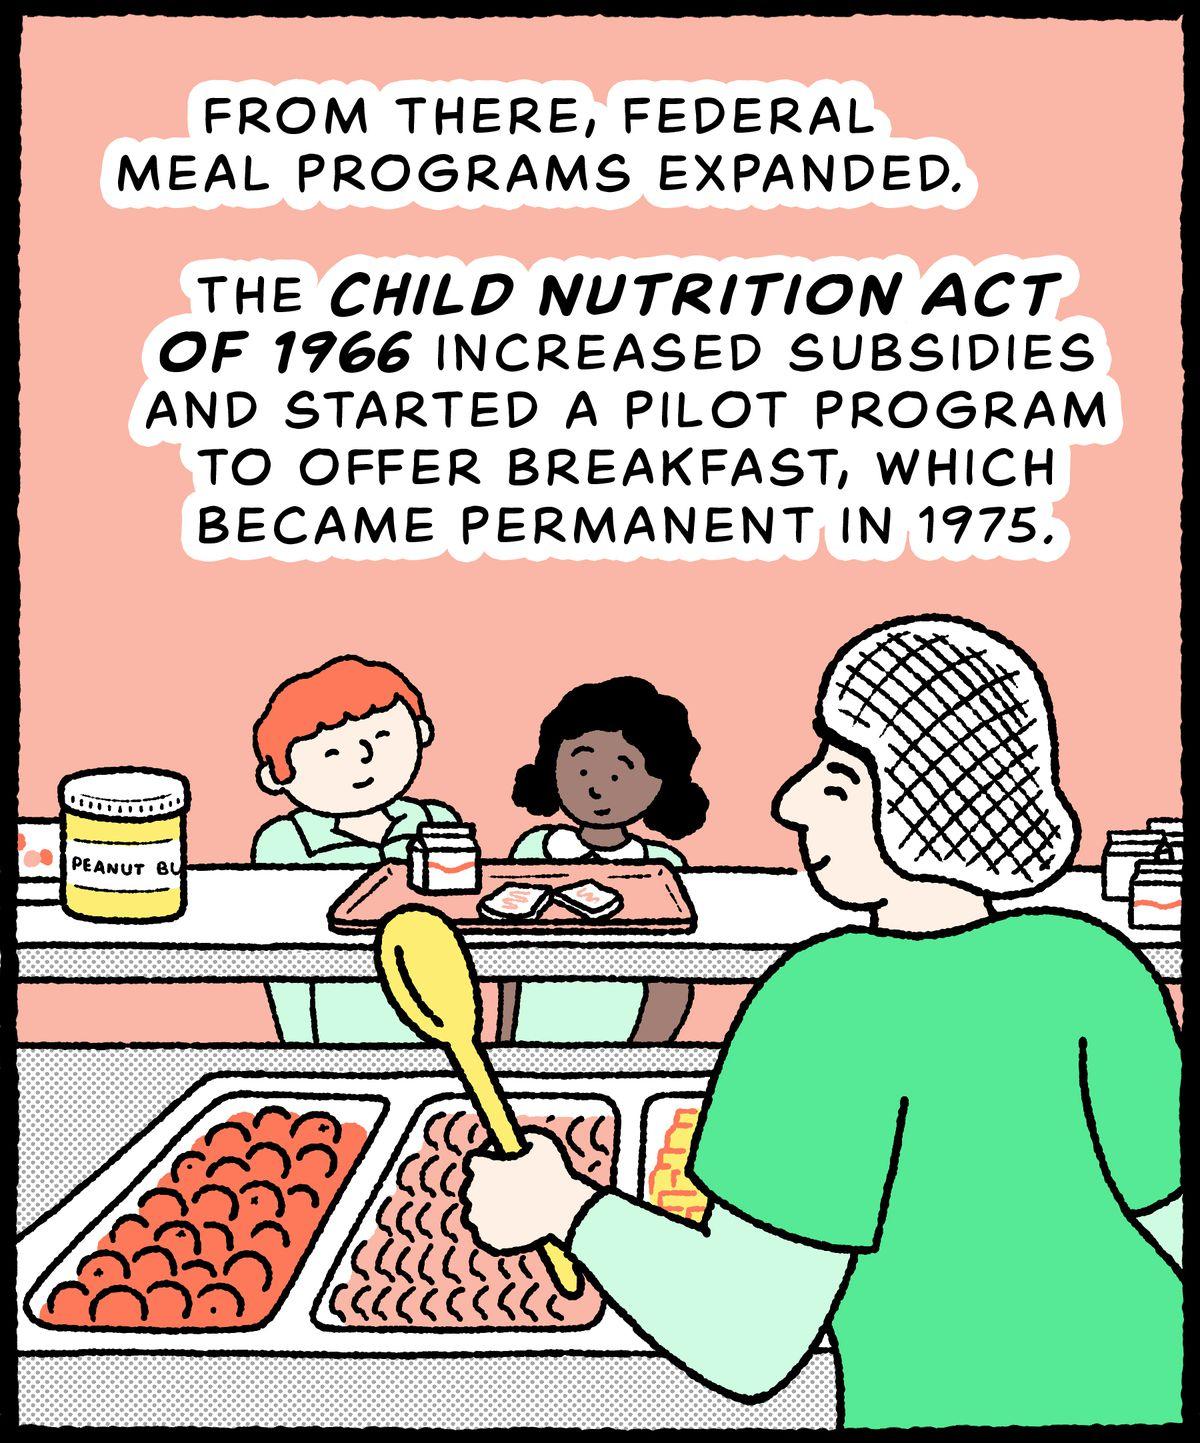 De retour au comptoir-repas de l'école, un petit-déjeuner composé d'oranges, de pain de blé entier, de beurre d'arachide et de lait est servi : à partir de là, les programmes de repas fédéraux se sont étendus.  La Child Nutrition Act de 1966 a augmenté les subventions et a lancé un programme pilote pour offrir le petit-déjeuner, qui est devenu permanent en 1975.